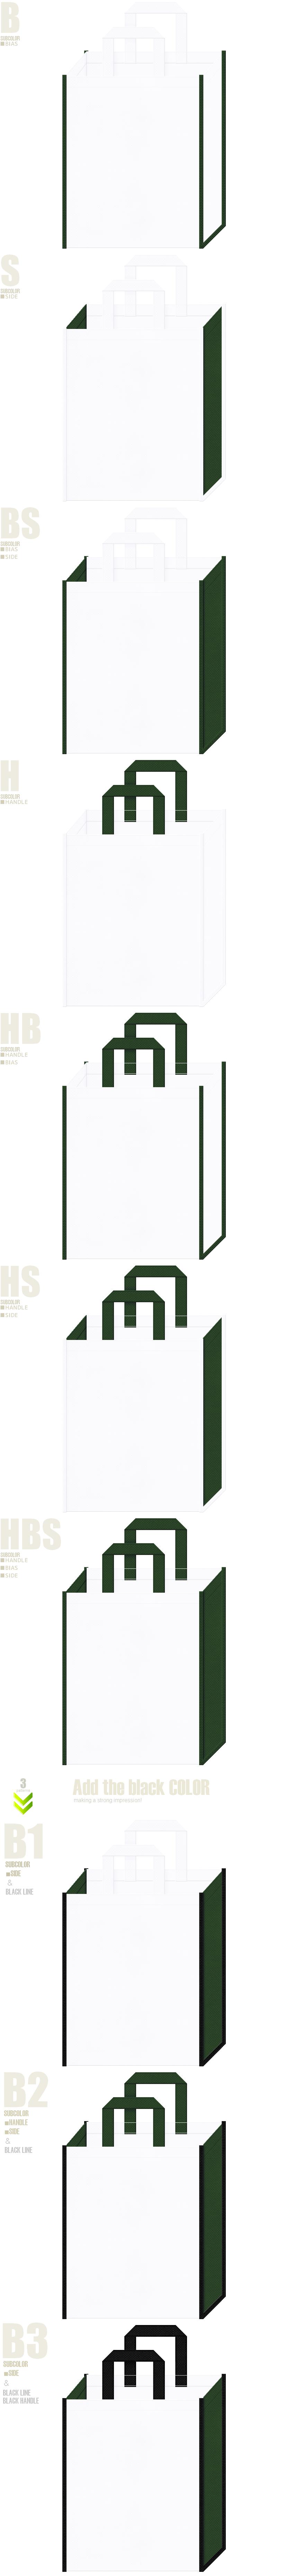 展示会用バッグ・救急用品・薬局・処方箋・医療器具・学習塾・レッスンバッグ・医学部・薬学部・学校・学園・オープンキャンパスにお奨めの不織布バッグデザイン:白色と濃緑色のコーデ10パターン